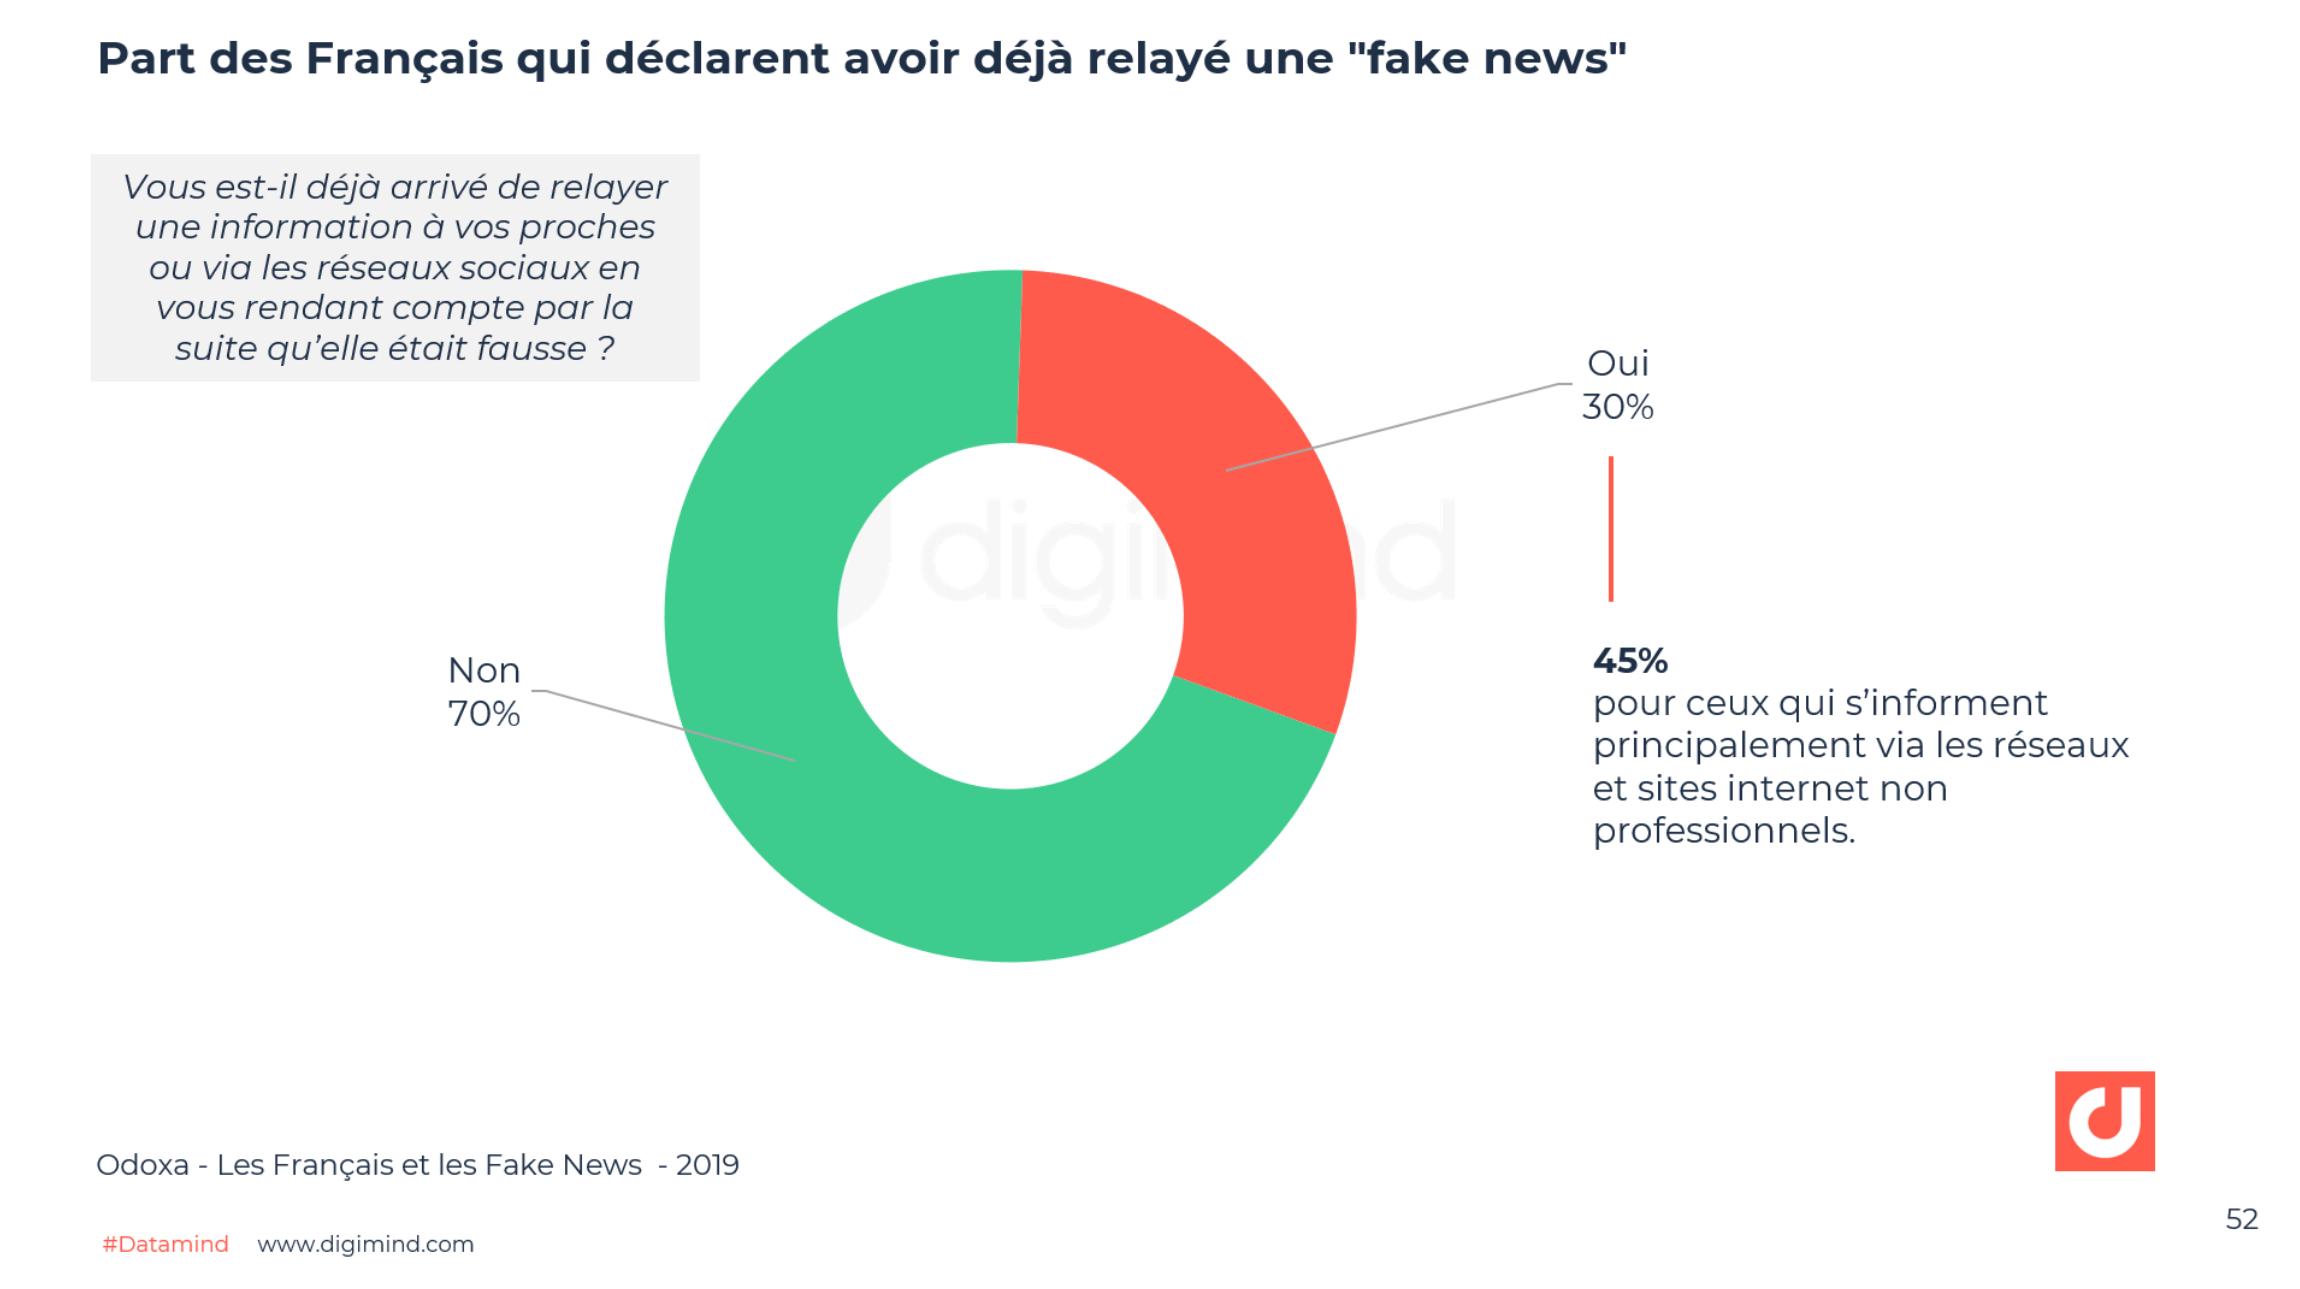 """Part des Français qui déclarent avoir déjà relayé une """"fake news"""" - Odoxa"""